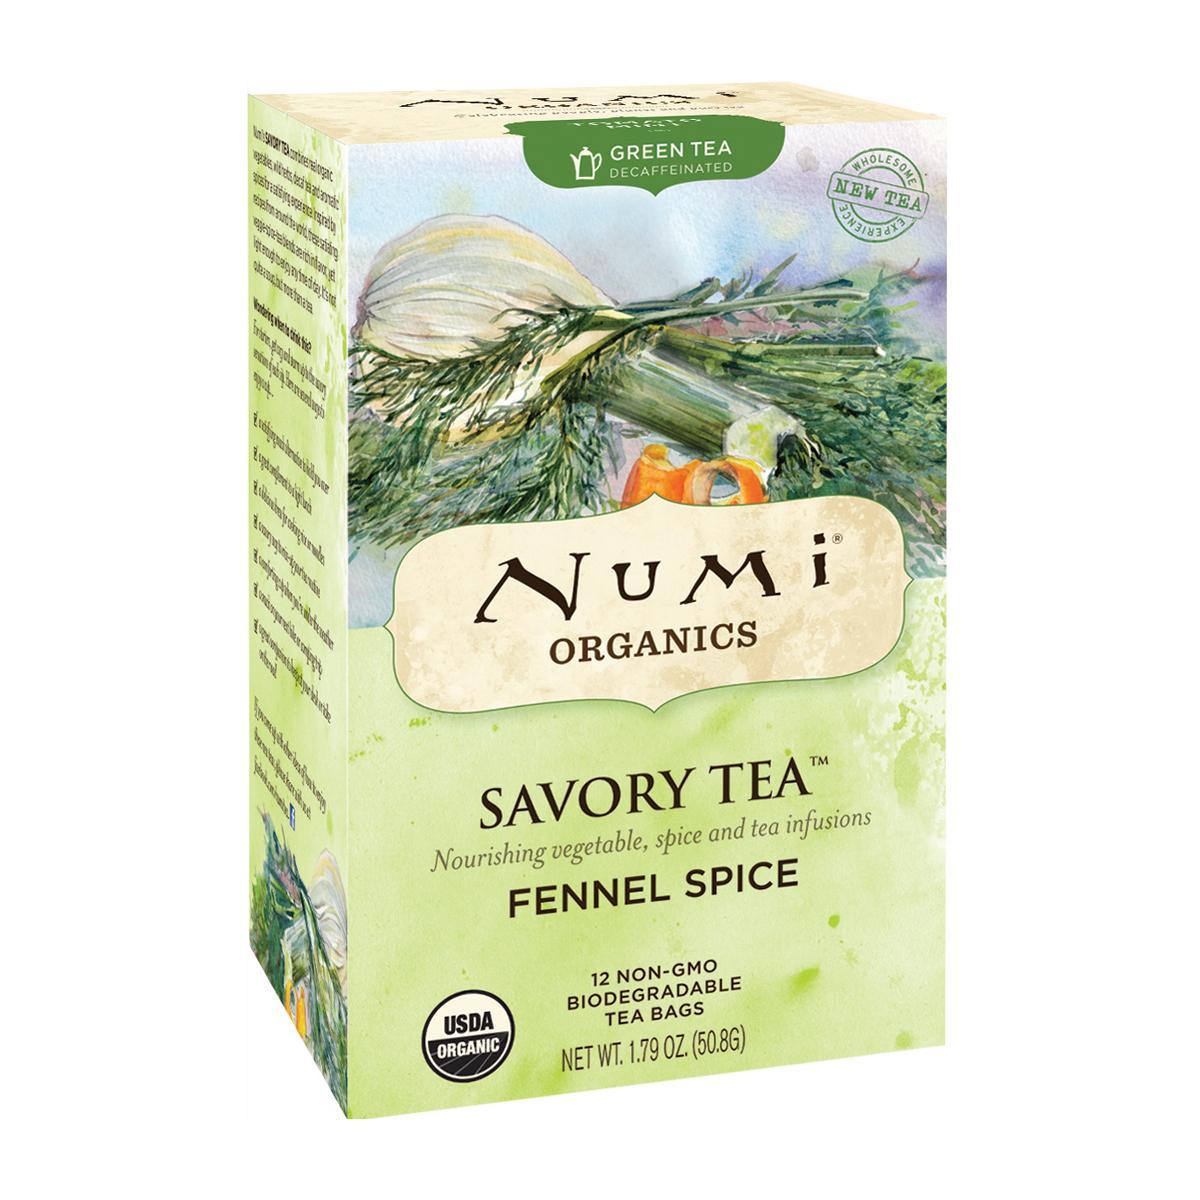 Numi Kořeněný čaj Fennel Spice, Savory Tea 12 ks, 50,8 g